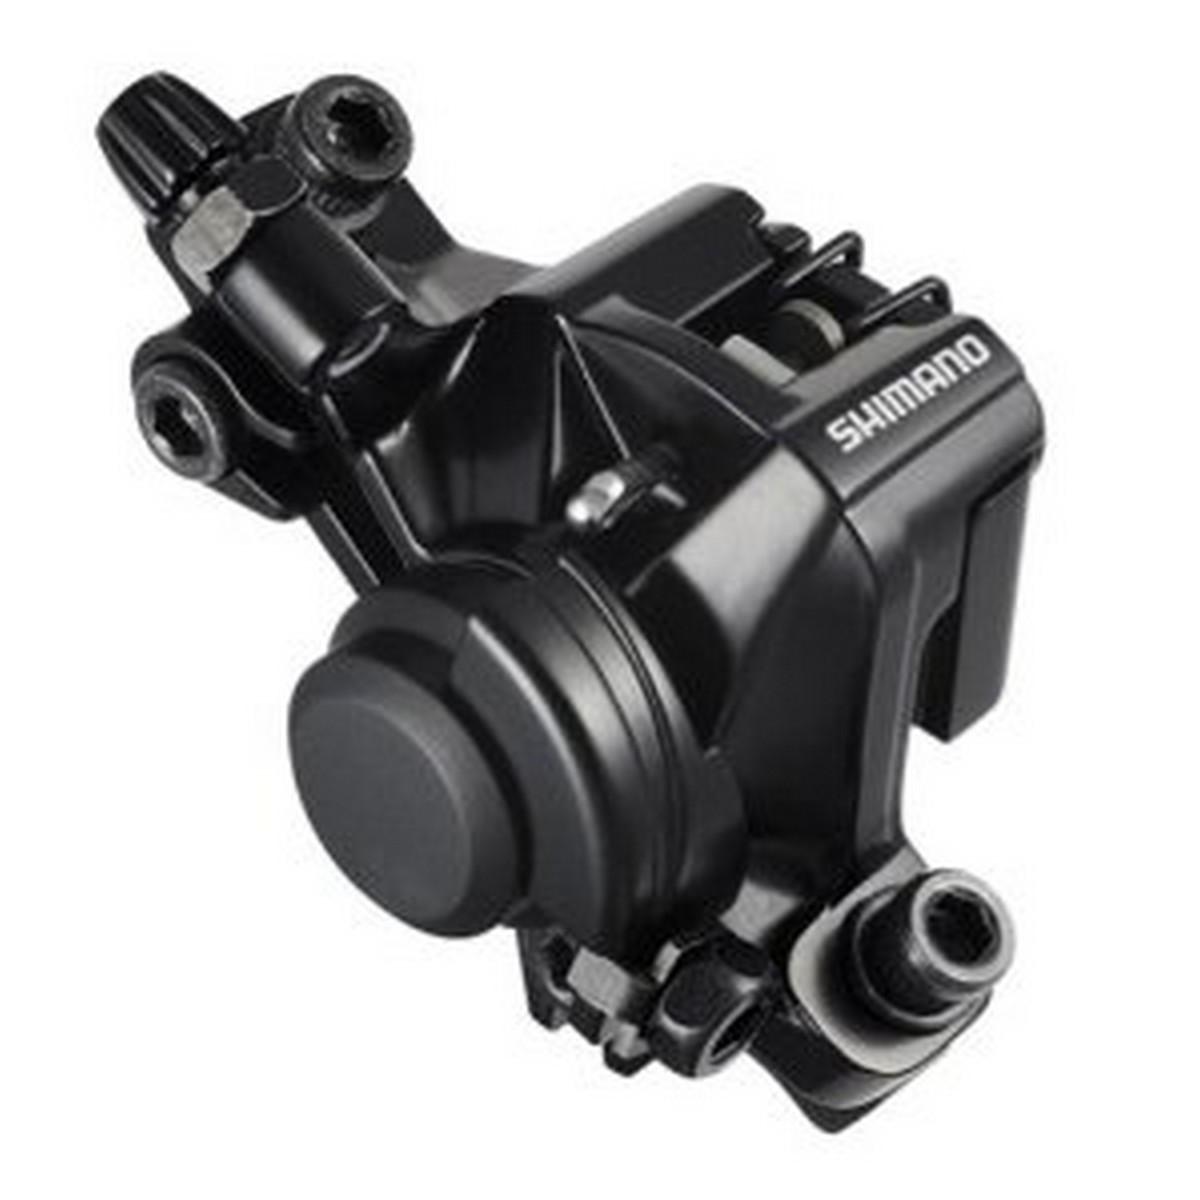 Гальмівний каліпер Shimano BR-M375 механіка ОЕМ (адаптер R160PS) чорний